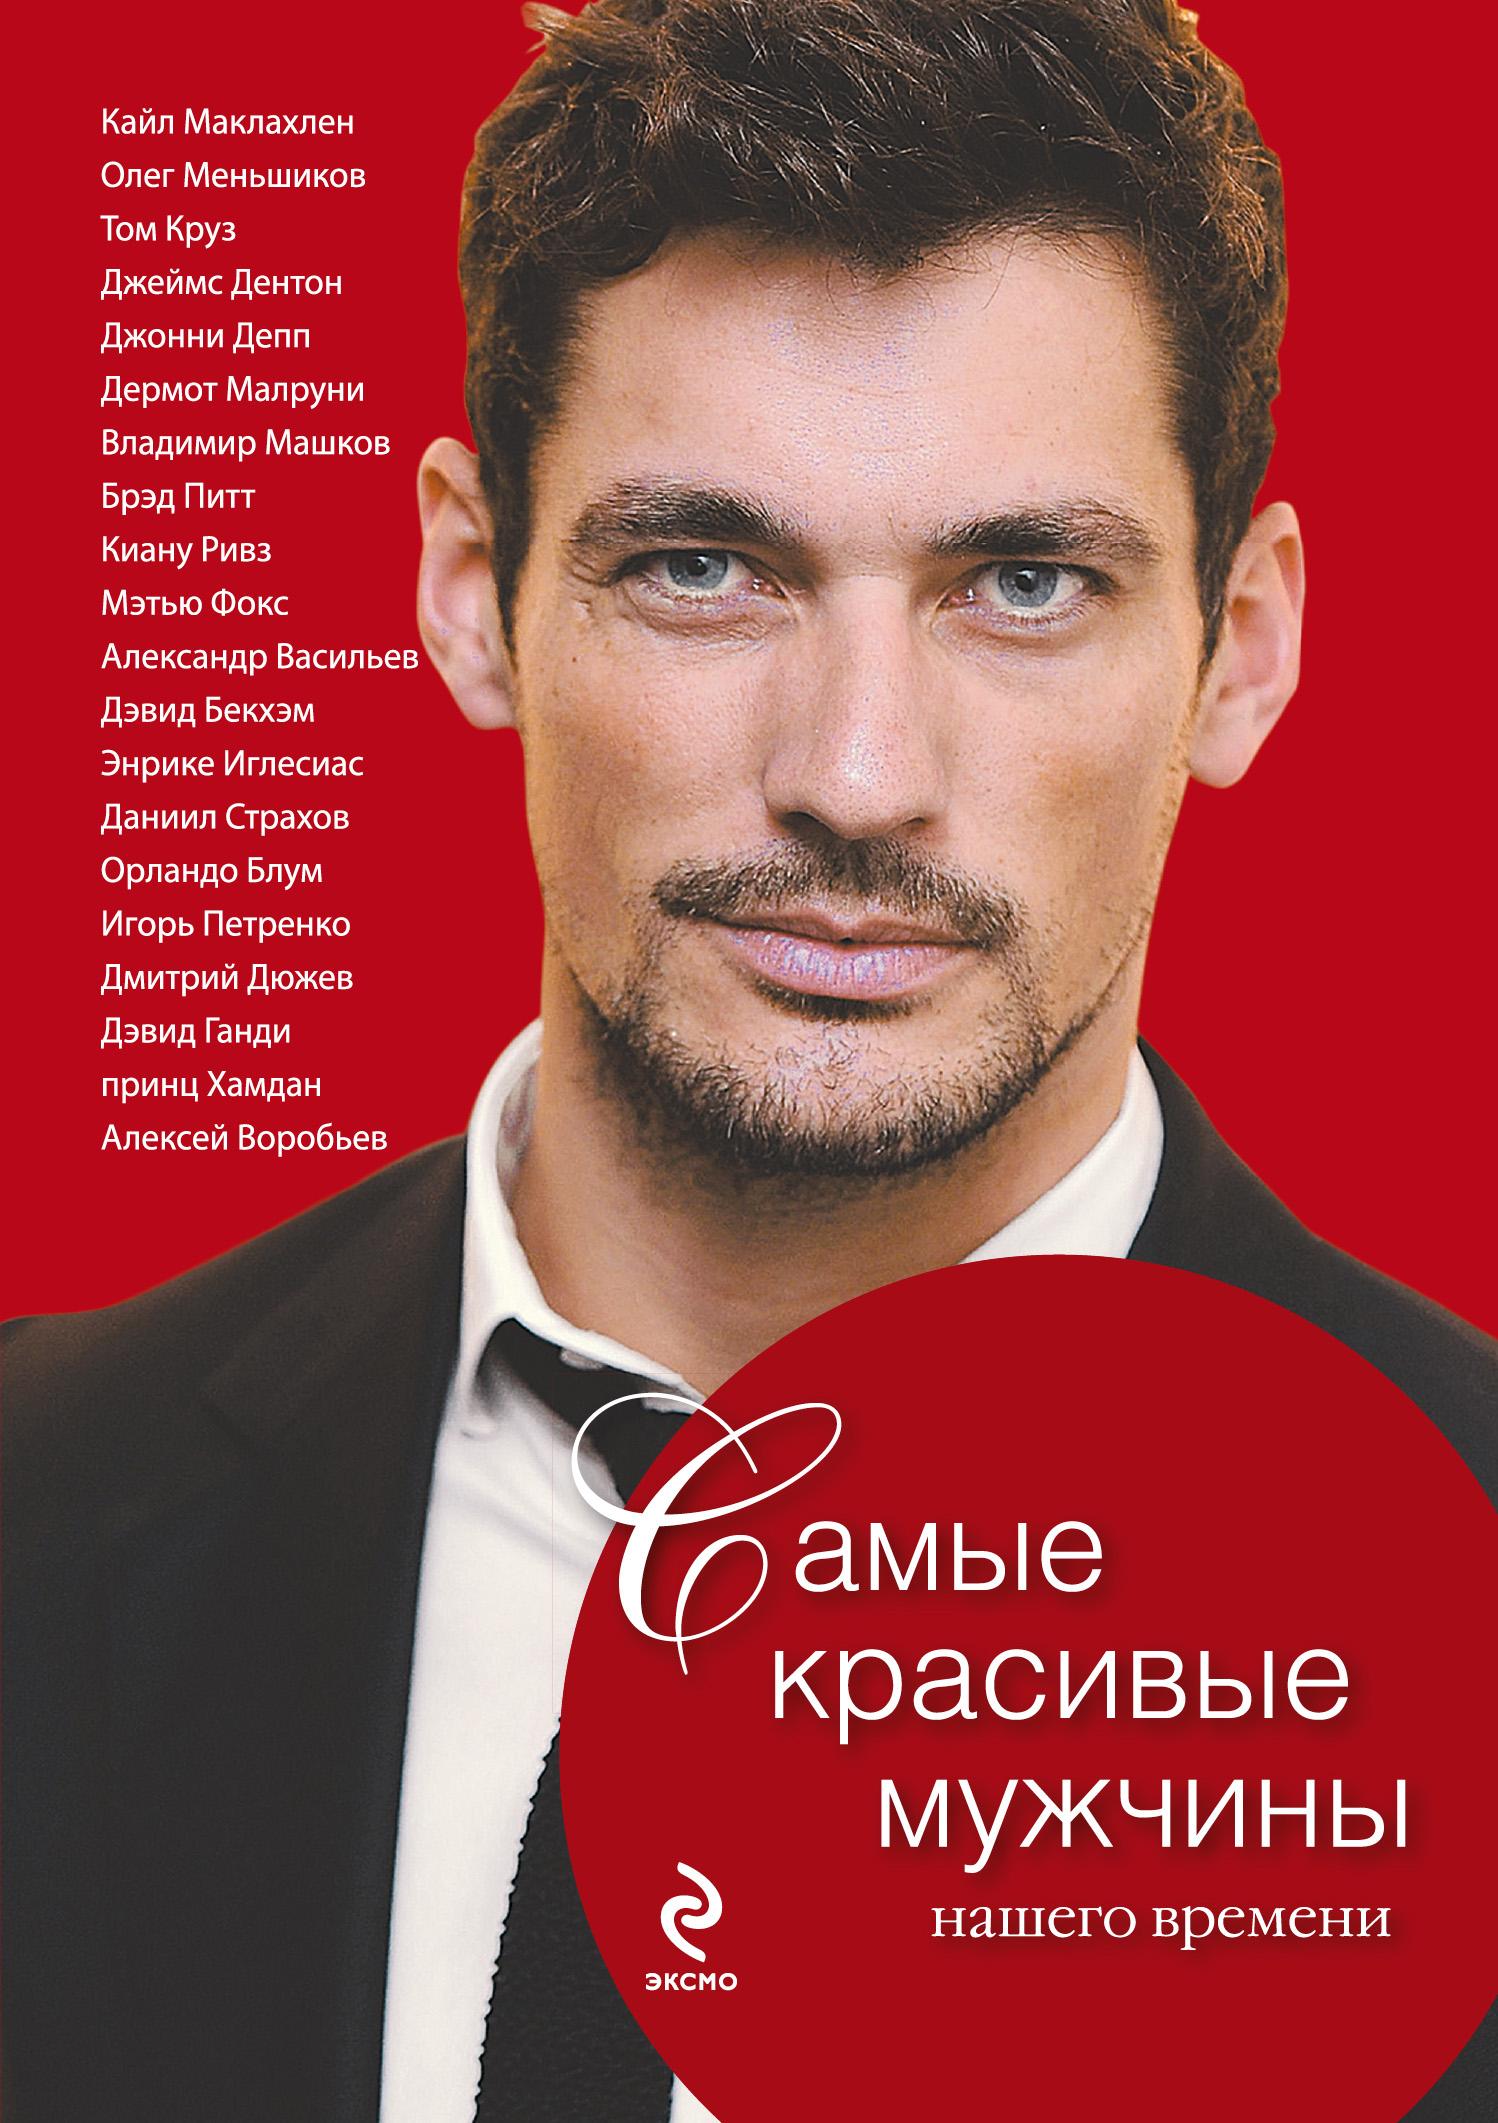 Киреенкова Т.Н. Самые красивые мужчины нашего времени. Герои, о которых мы мечтаем ISBN: 978-5-699-52696-3 эксмо самые красивые мужчины нашего времени герои о которых мы мечтаем